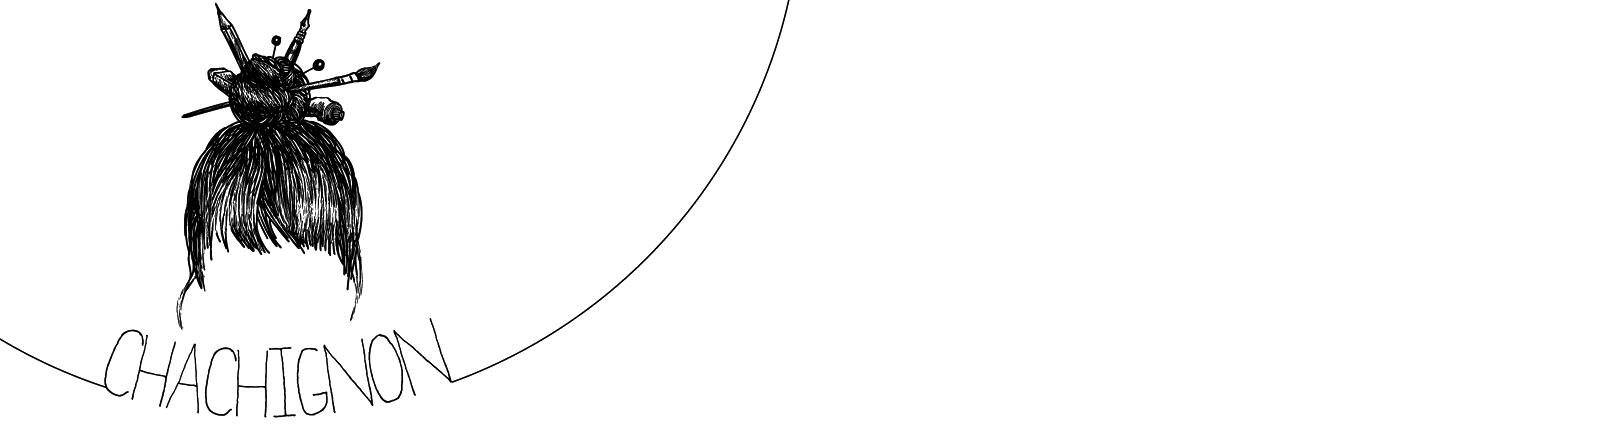 CHACHIGNON